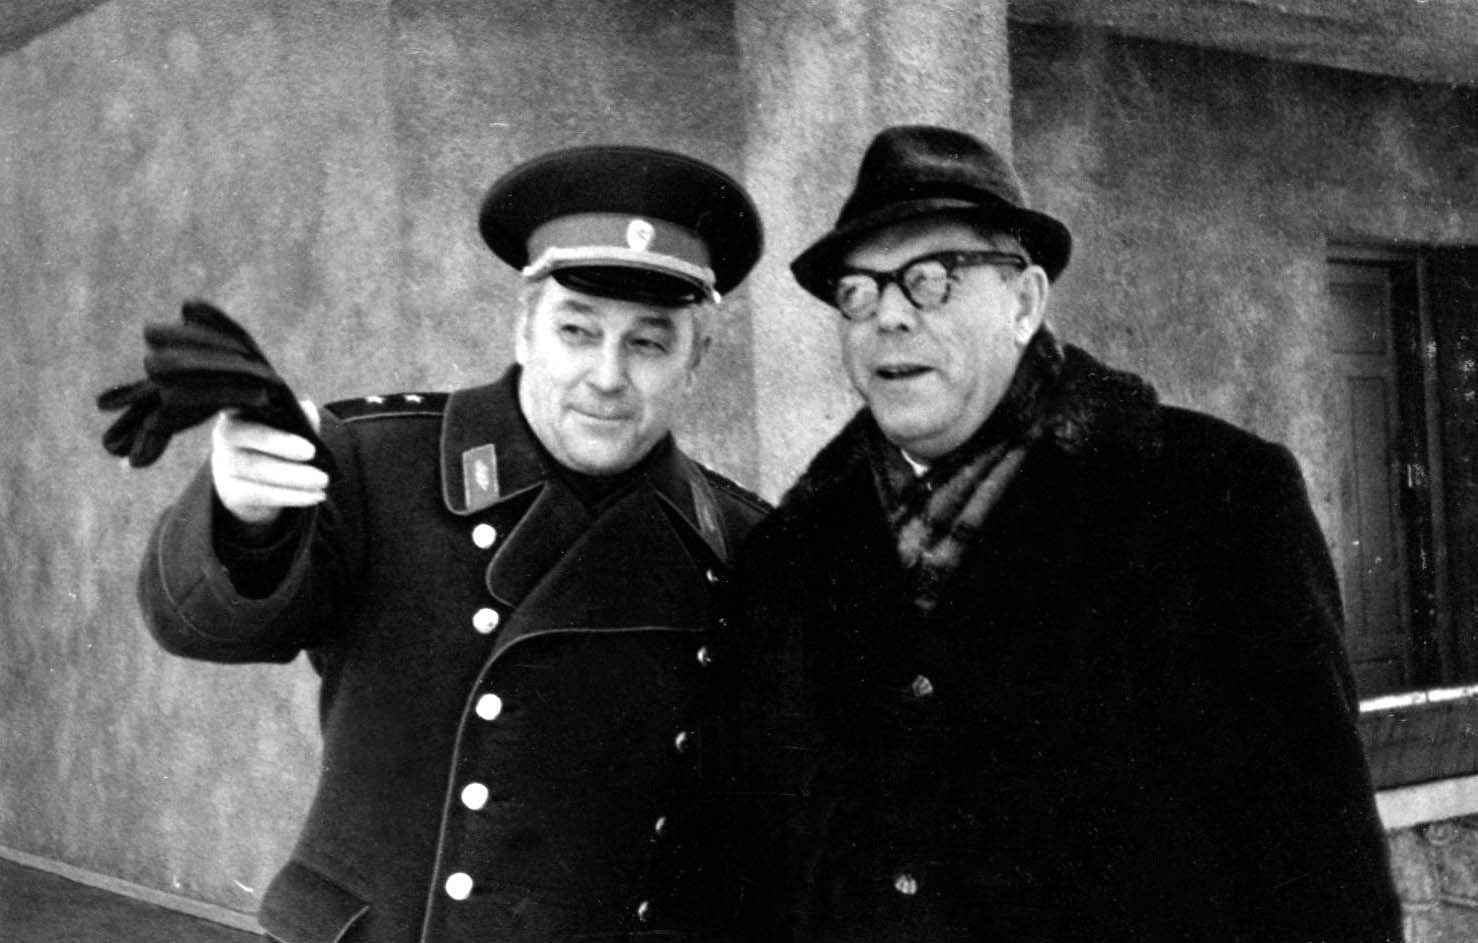 Экспонат #65. С генерал-лейтенантом Иваном Лисовым. 1962 год